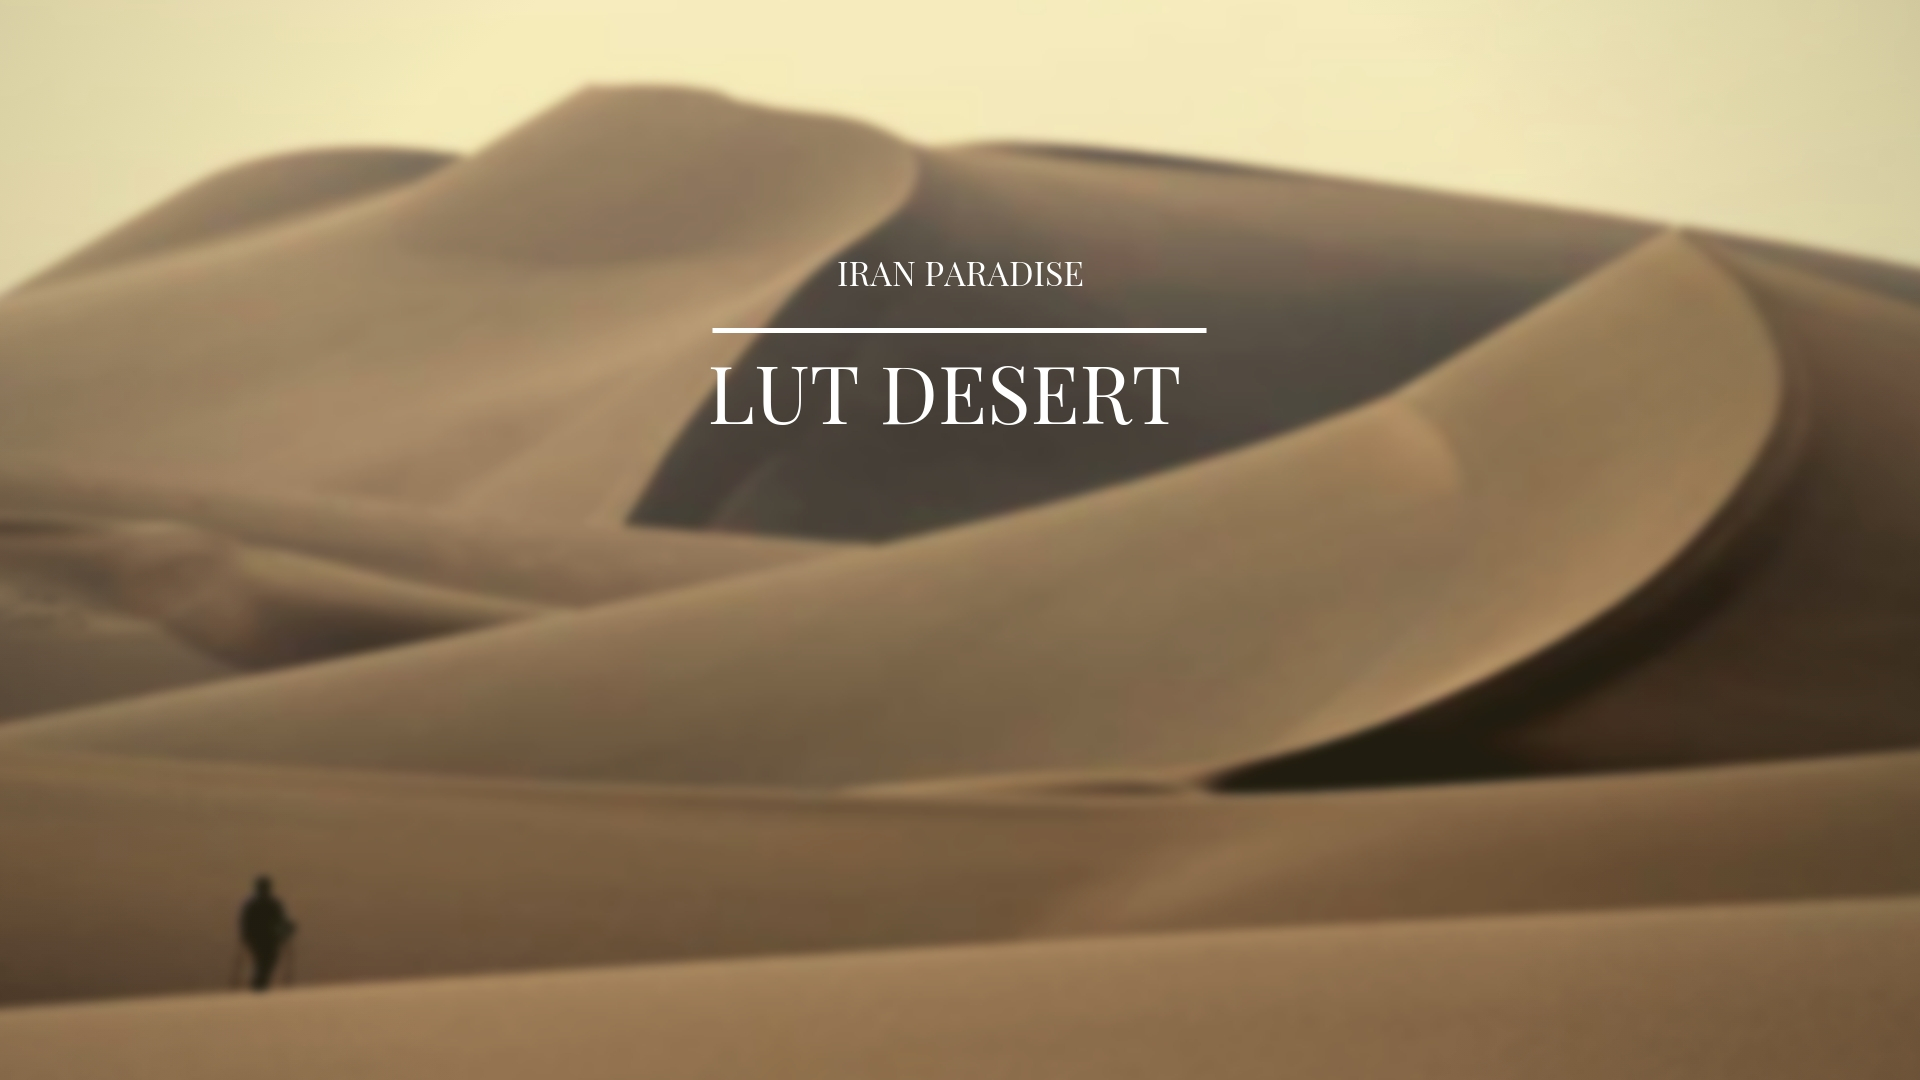 Lut Desert